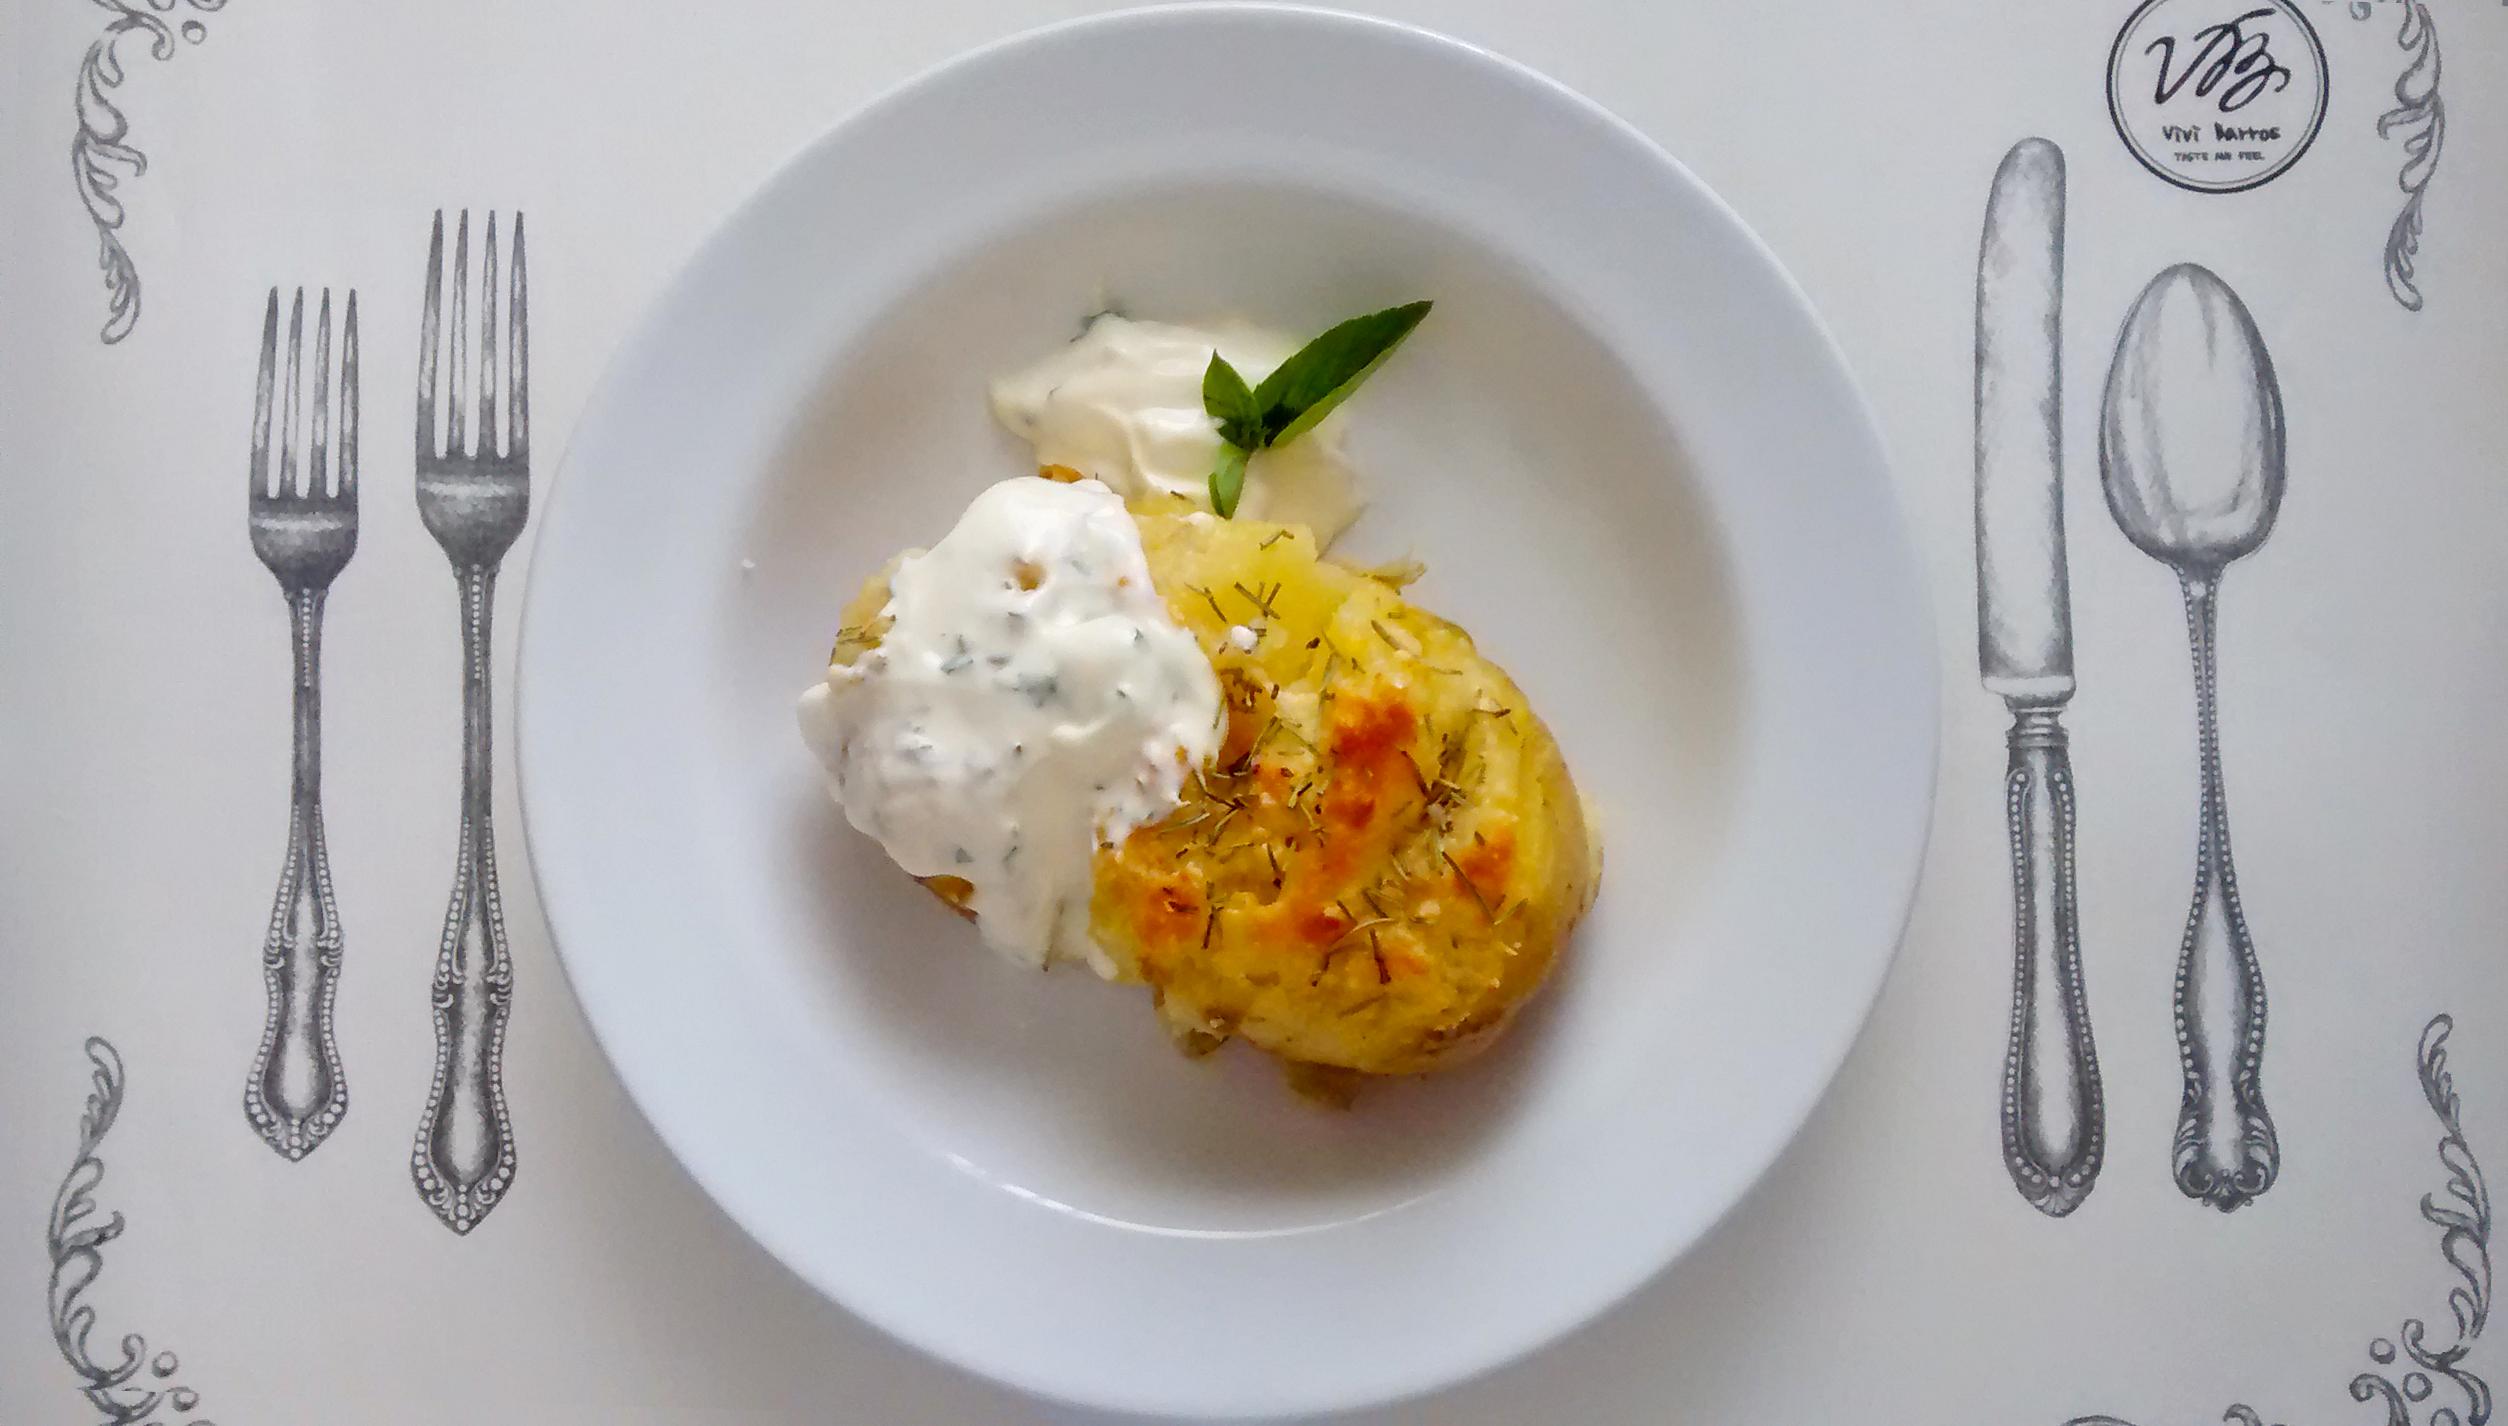 Maneira prática de fazer batatas hasselback http://inspirationbox.com.br/food-do-dia-batatas-hasselback/